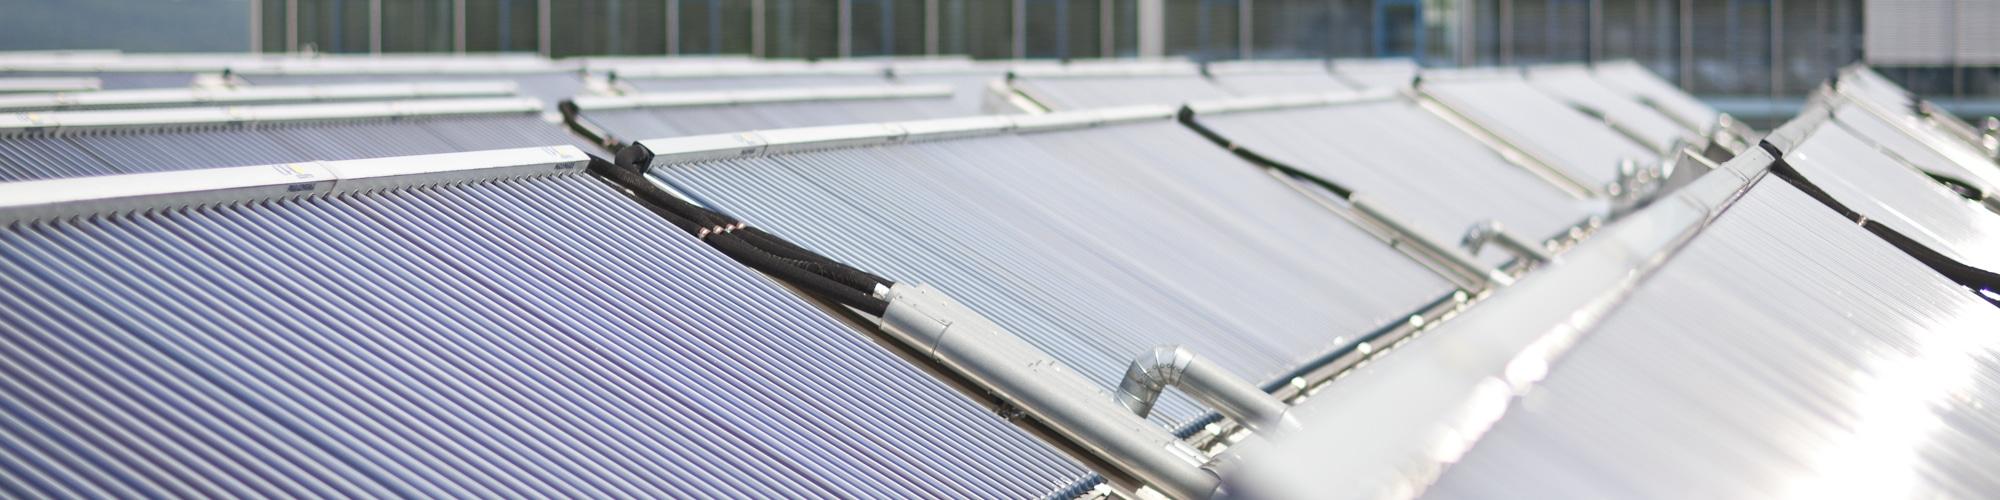 CPC Vakuum-Röhrenkollekoktoren von Ritter XL Solar